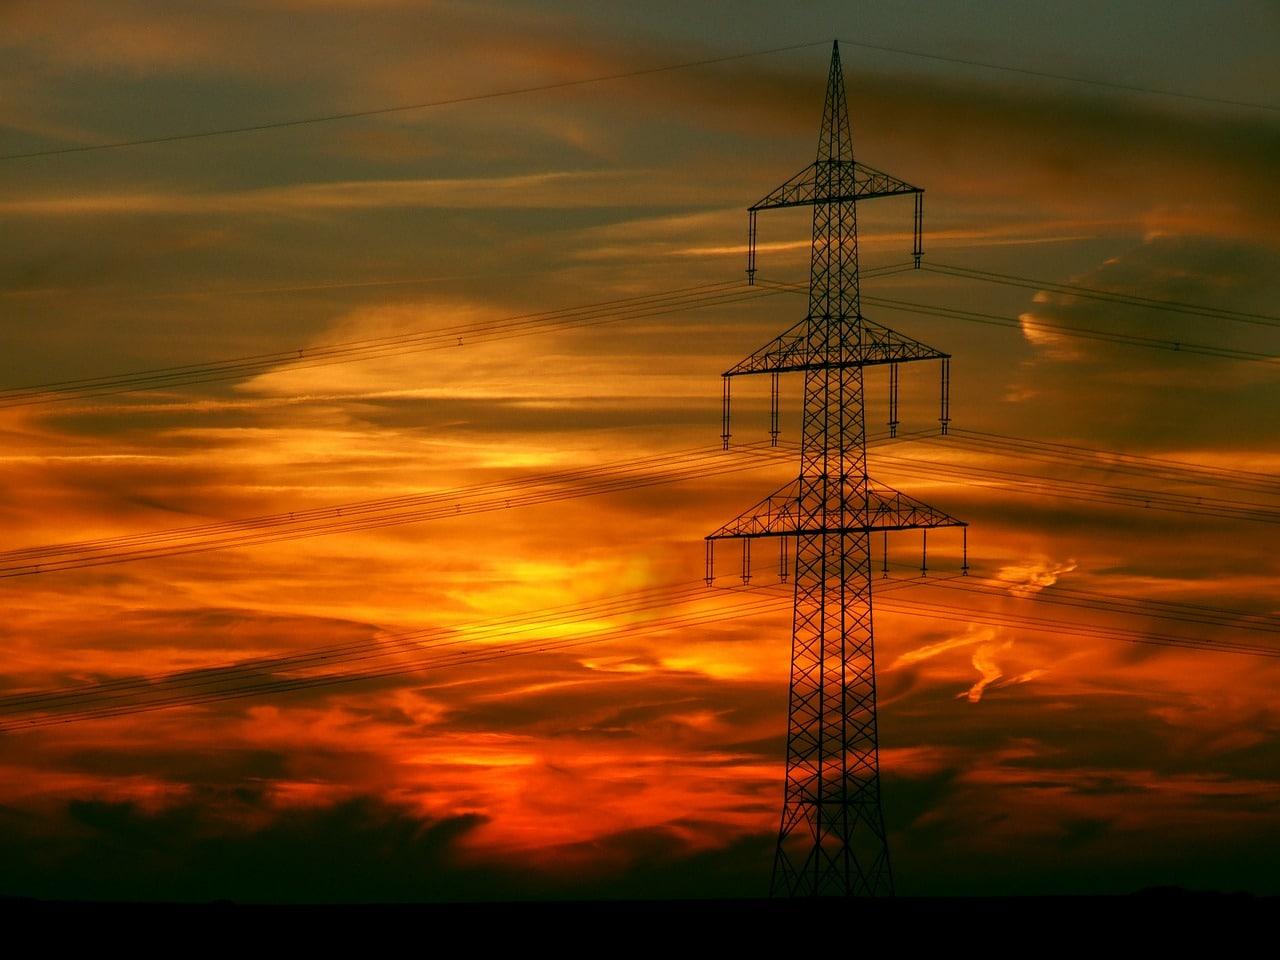 La TVA sur l'électricité va repasser à 21%, optez pour des panneaux photovoltaïques